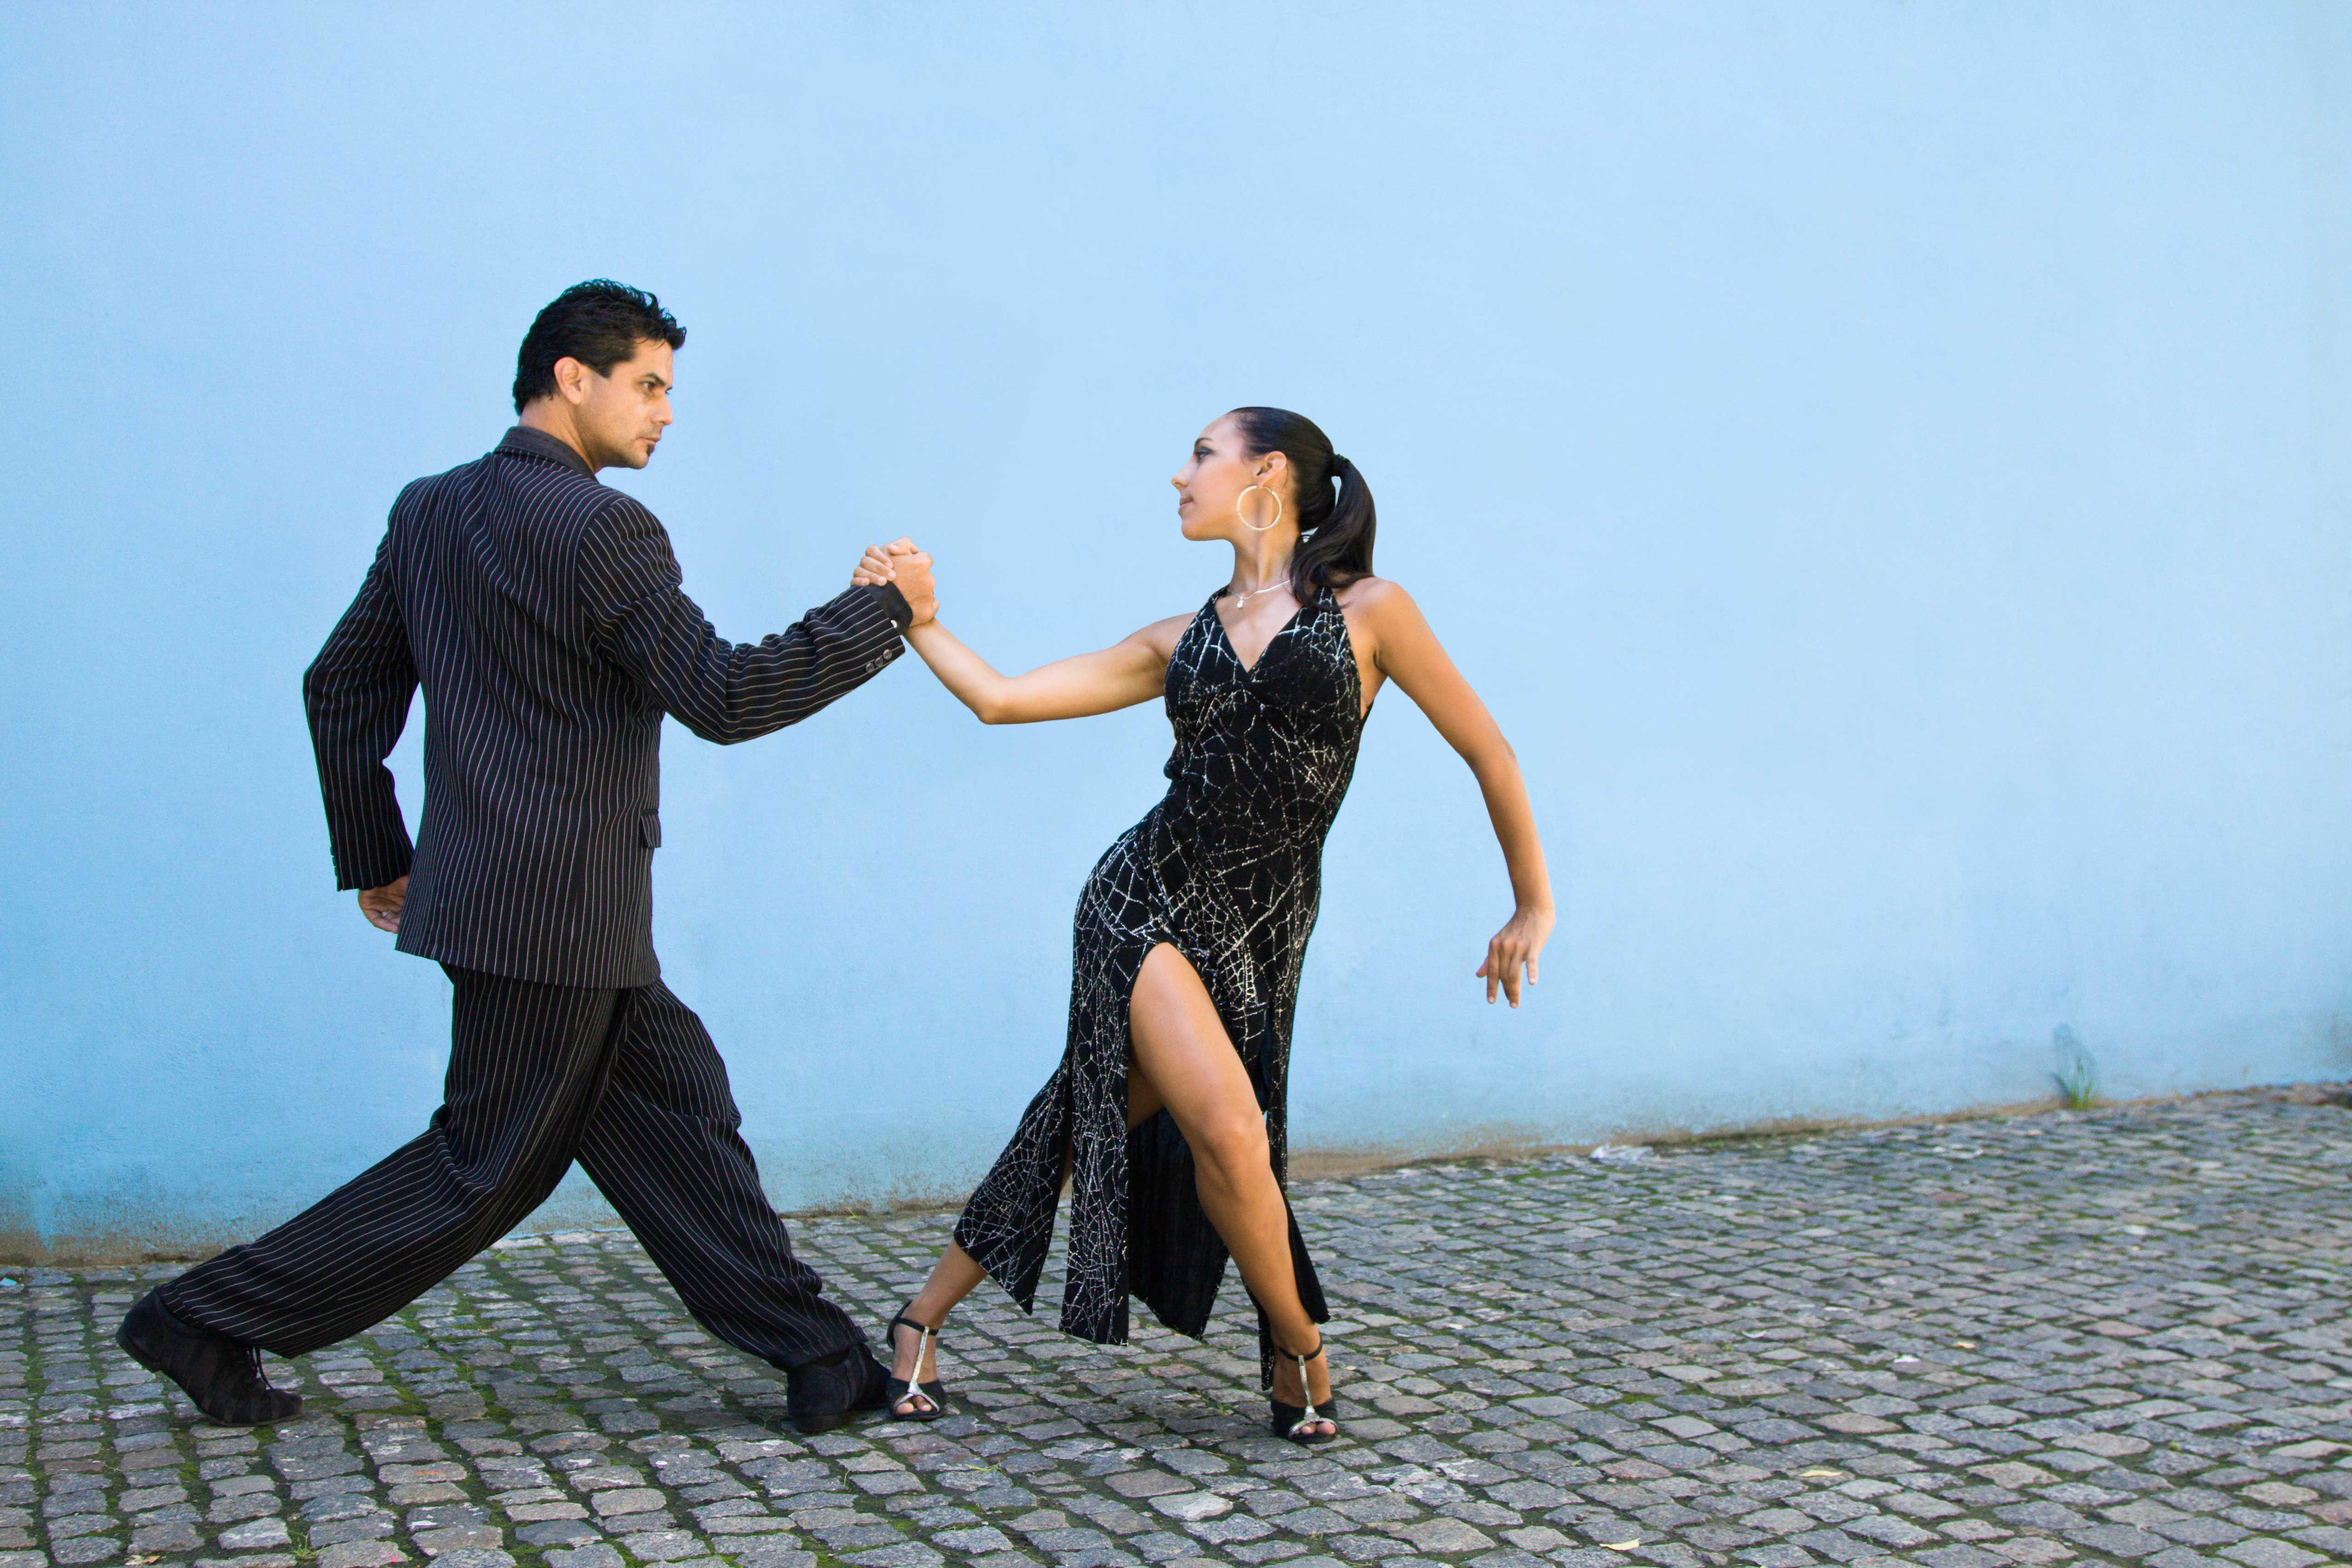 Pareja bailando en la calle de adoquines